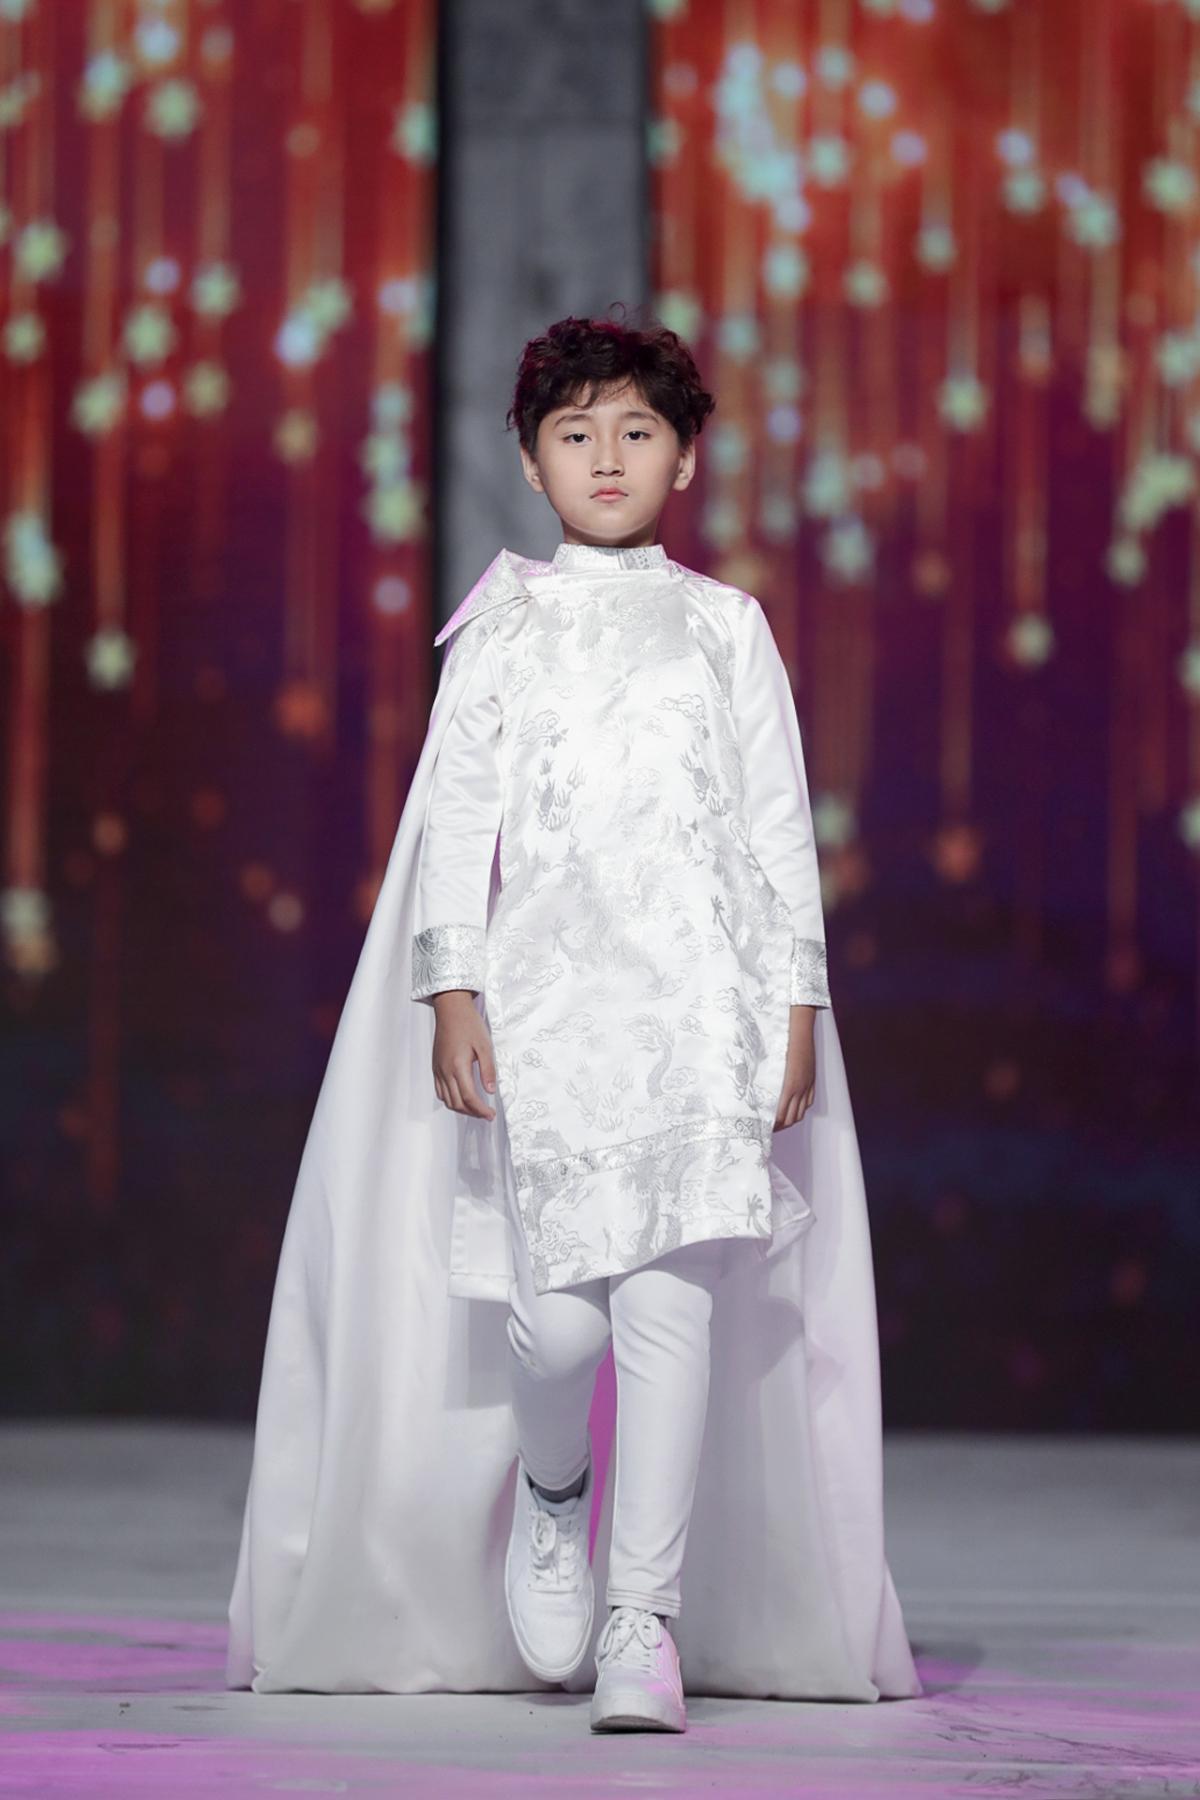 Tham gia học viện đào tạo người mẫu của Xuân Lan, những bước đi thần thái, chuyên nghiệp của Vũ Ngọc Trọng Phương được khán giả dành nhiều lời khen ngợi tại Tuần lễ thời trang trẻ em Việt Nam chủ đề Winter Swan vừa kết thúc tối 27/12.